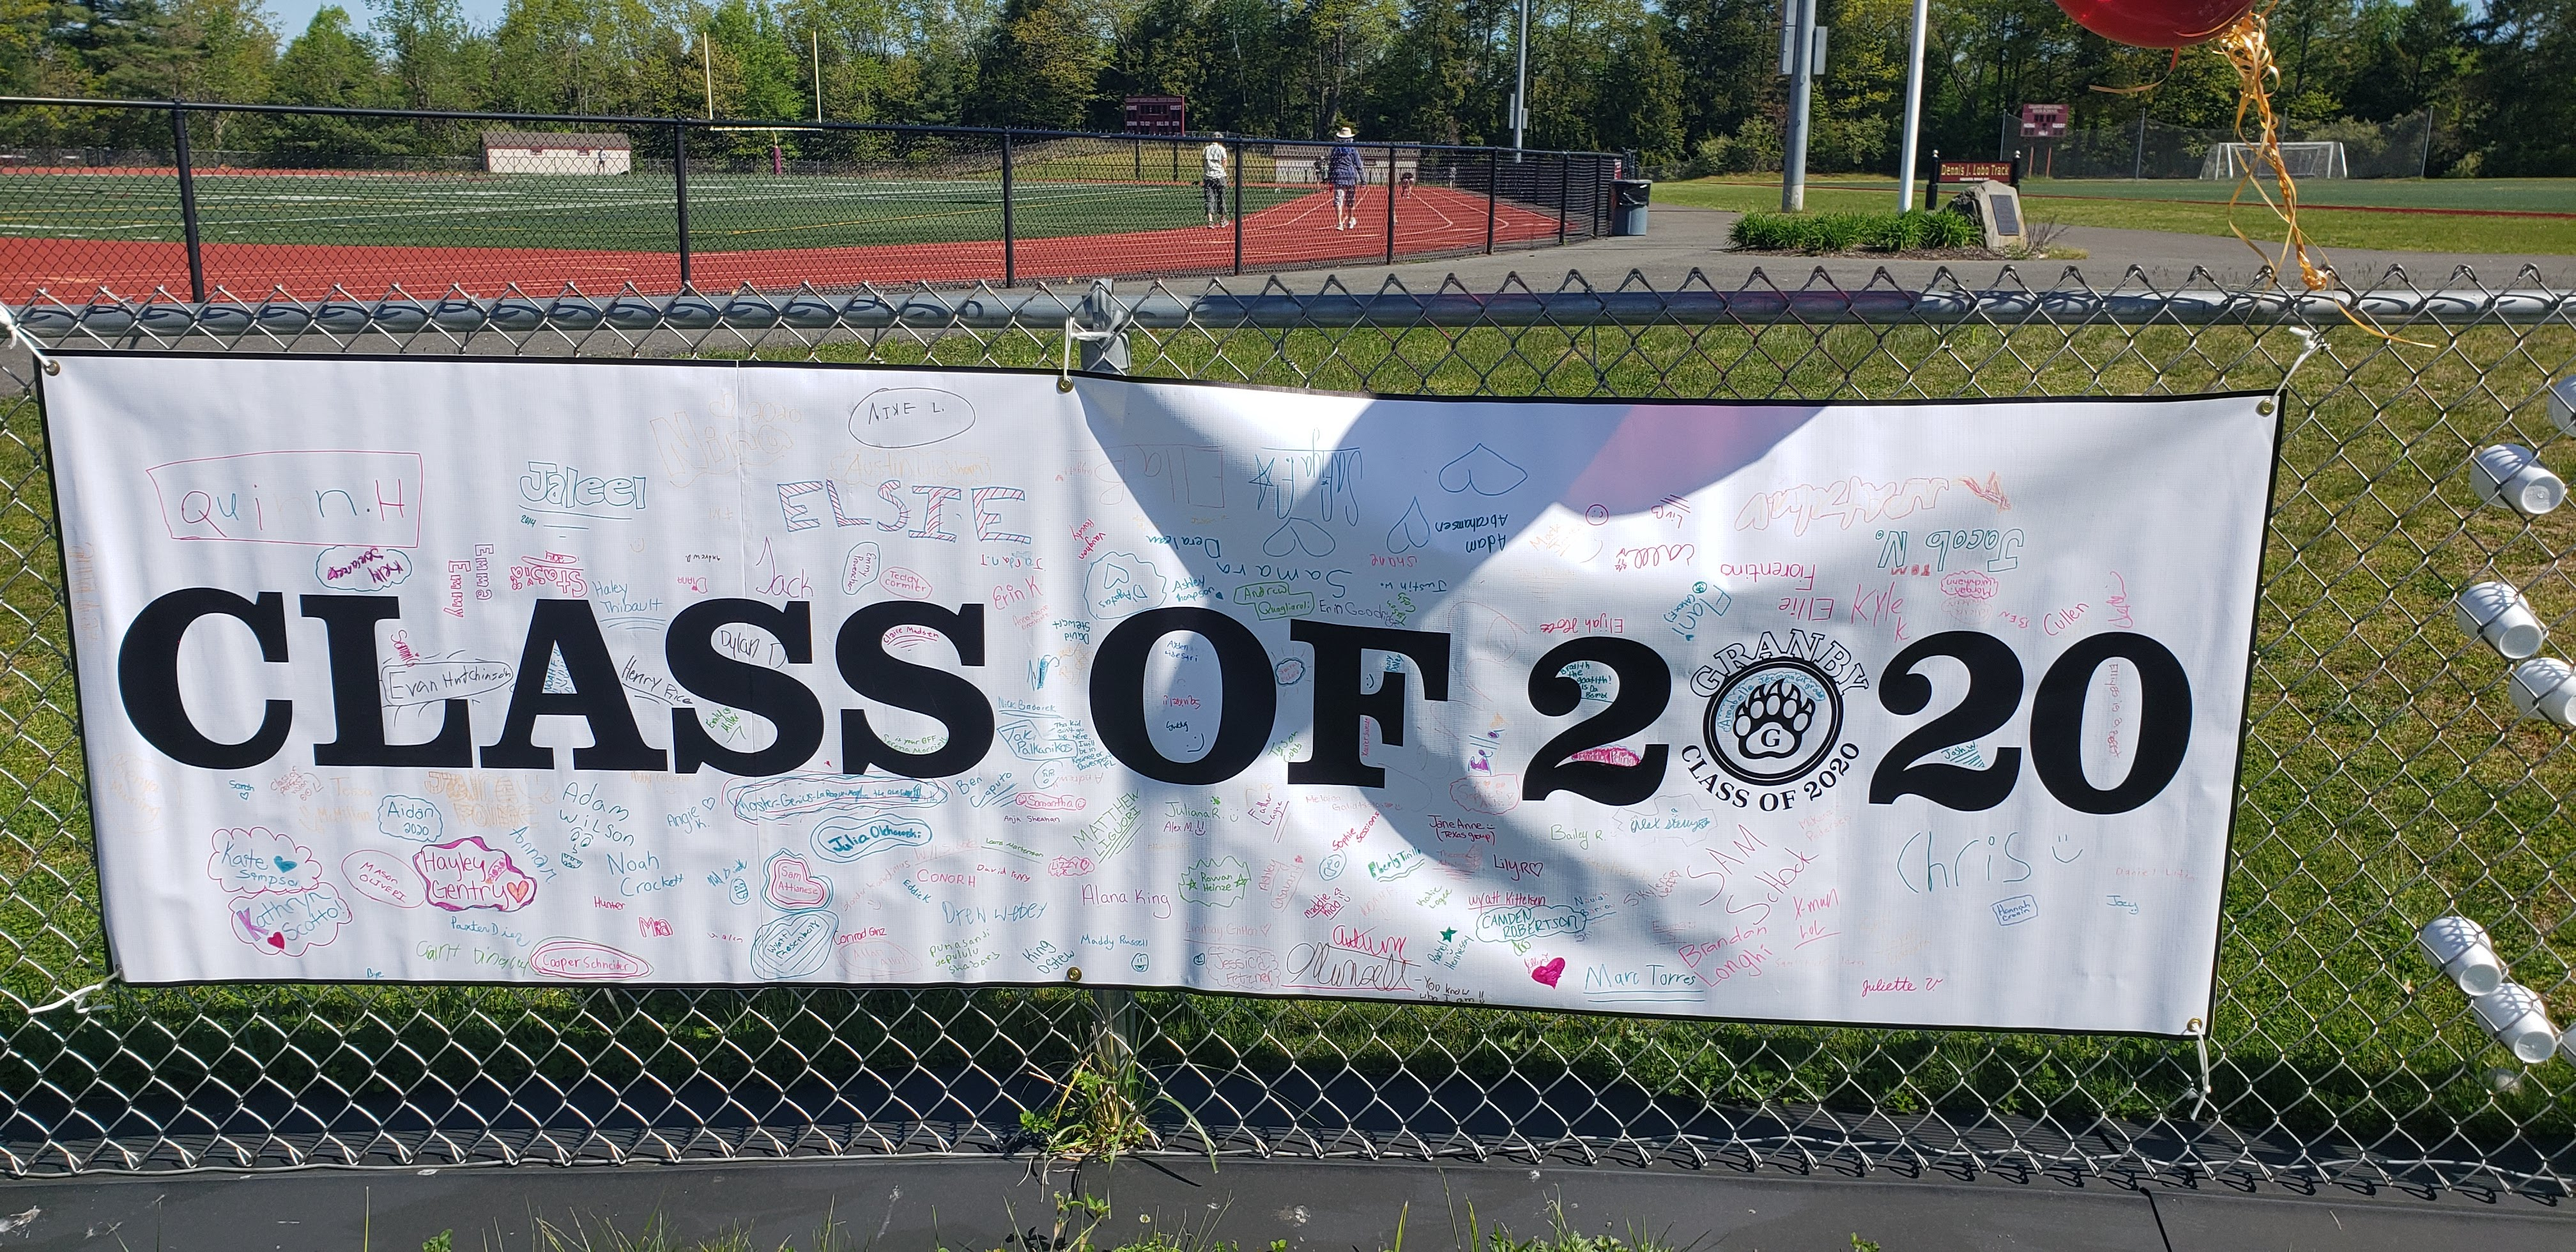 Grad Sign pic from Ken 7.jpg